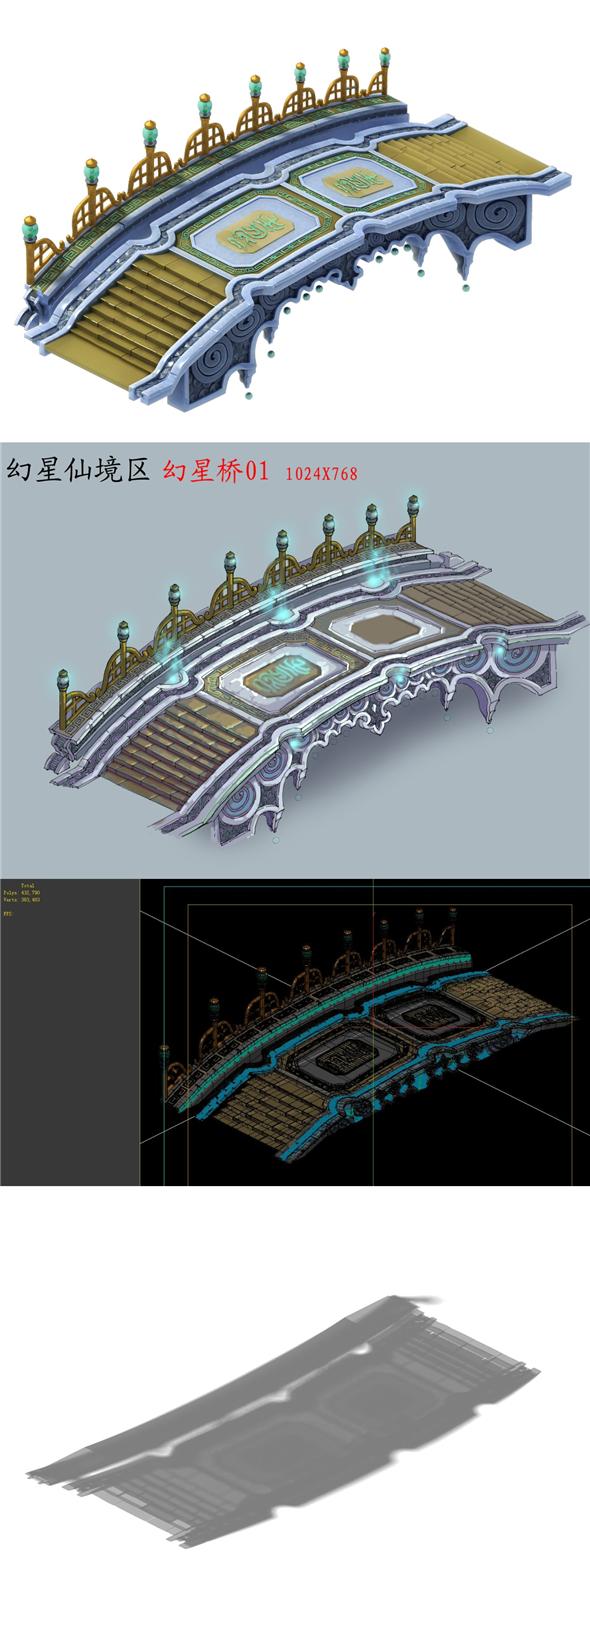 Game Model - Magic Star Bridge - 3DOcean Item for Sale